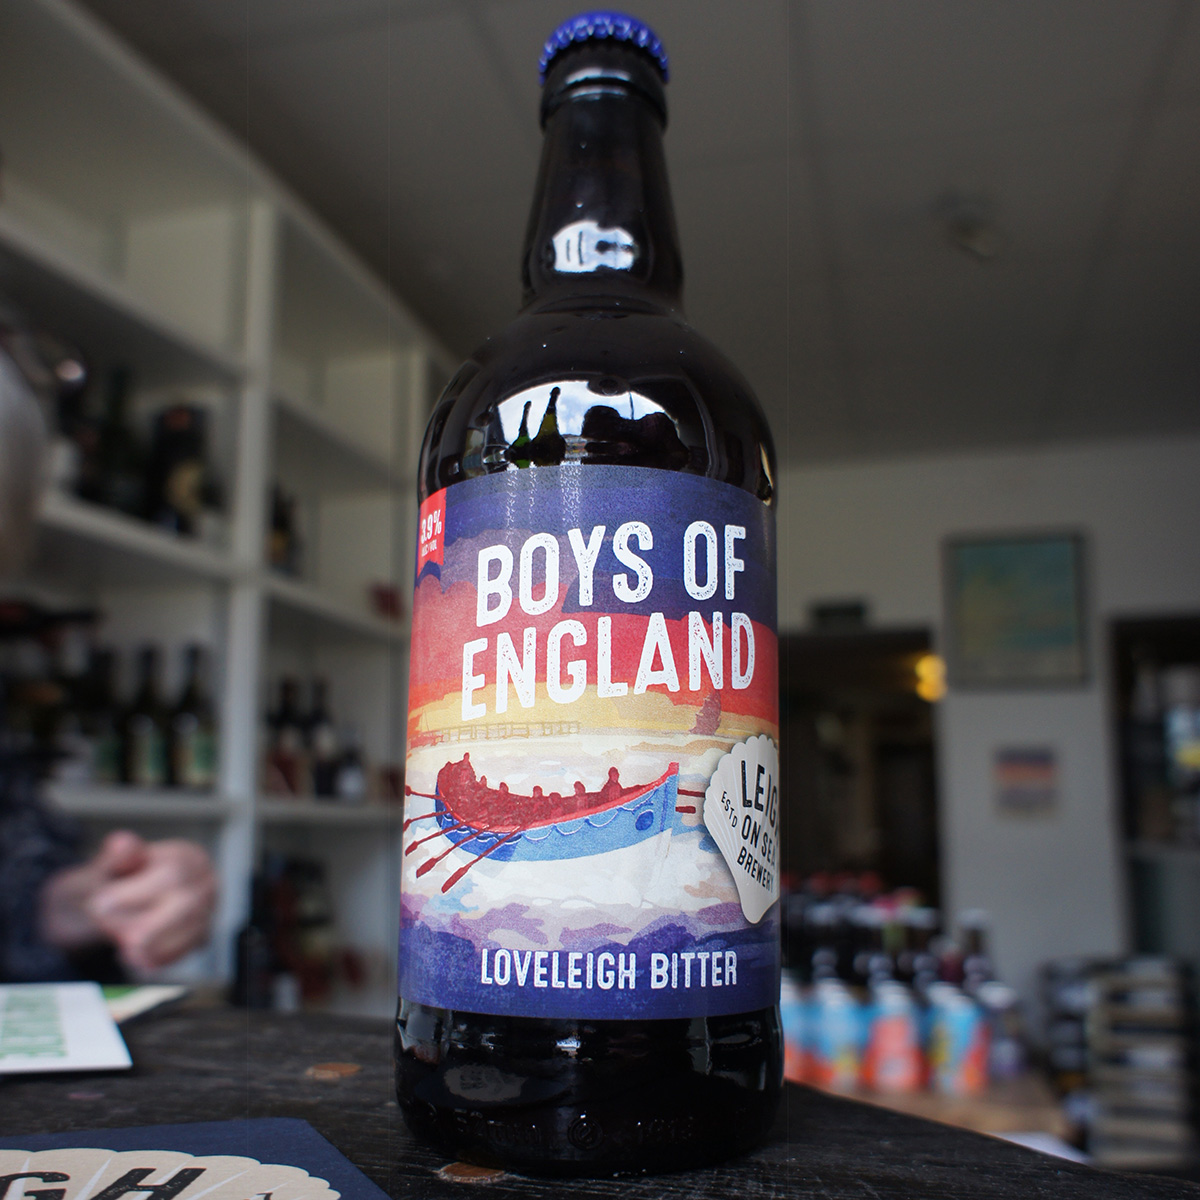 Boys of England beer bottle un Fleur de Leigh